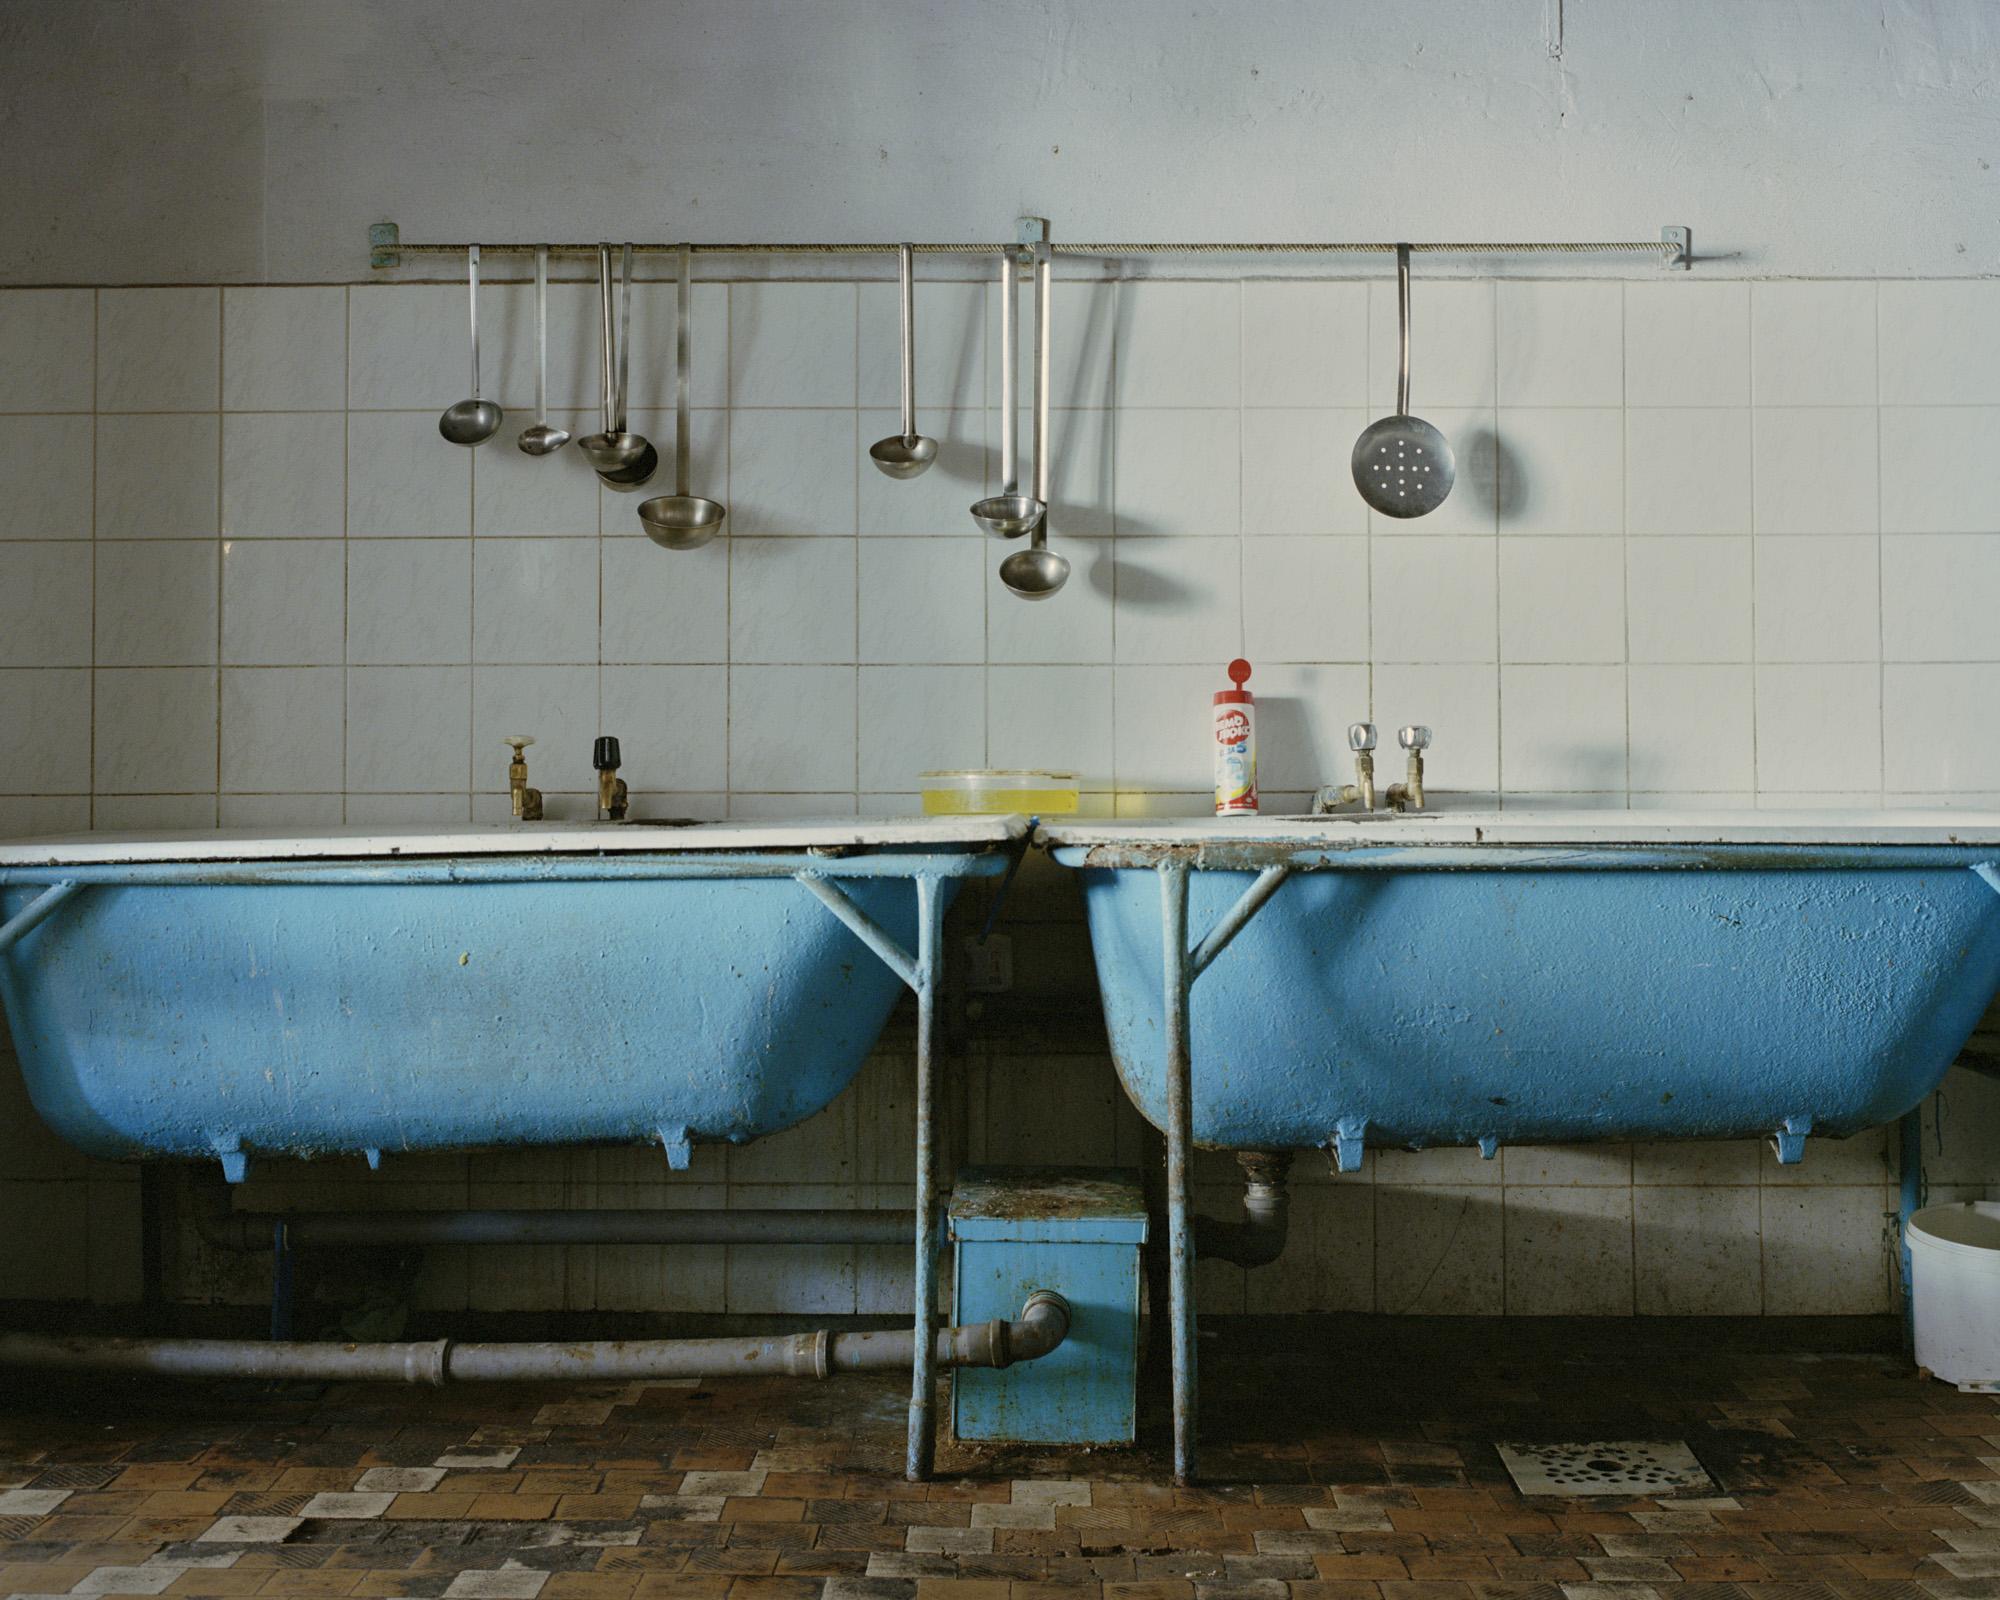 09-Backstage-of-troleibus-depo-canteen-Kaliningrad